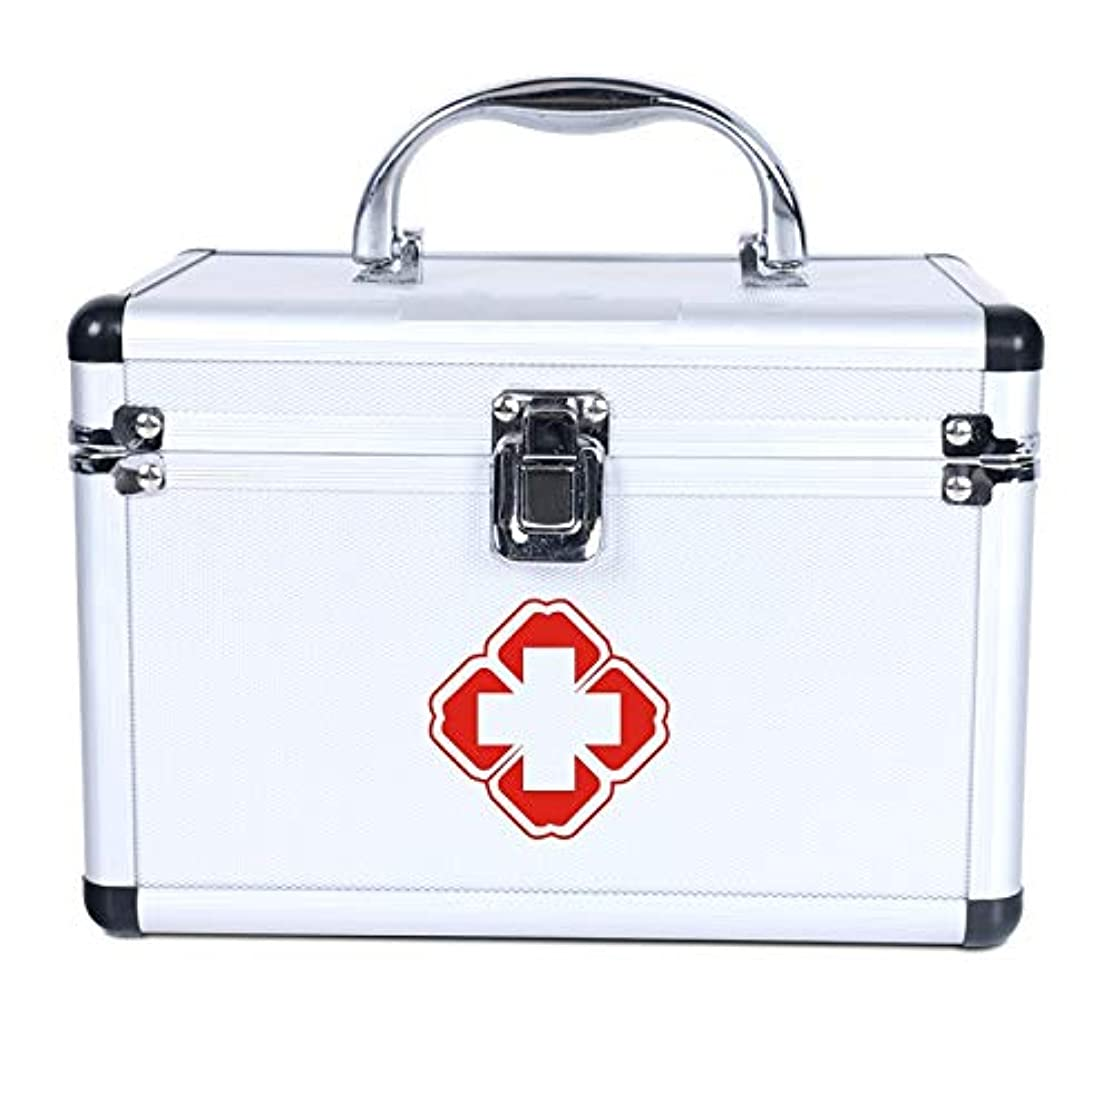 炭水化物勧める消毒するNYDZDM 医療収納ボックスの応急処置ボックス - 薬と処方箋の緊急キット収納ボックスをロックする